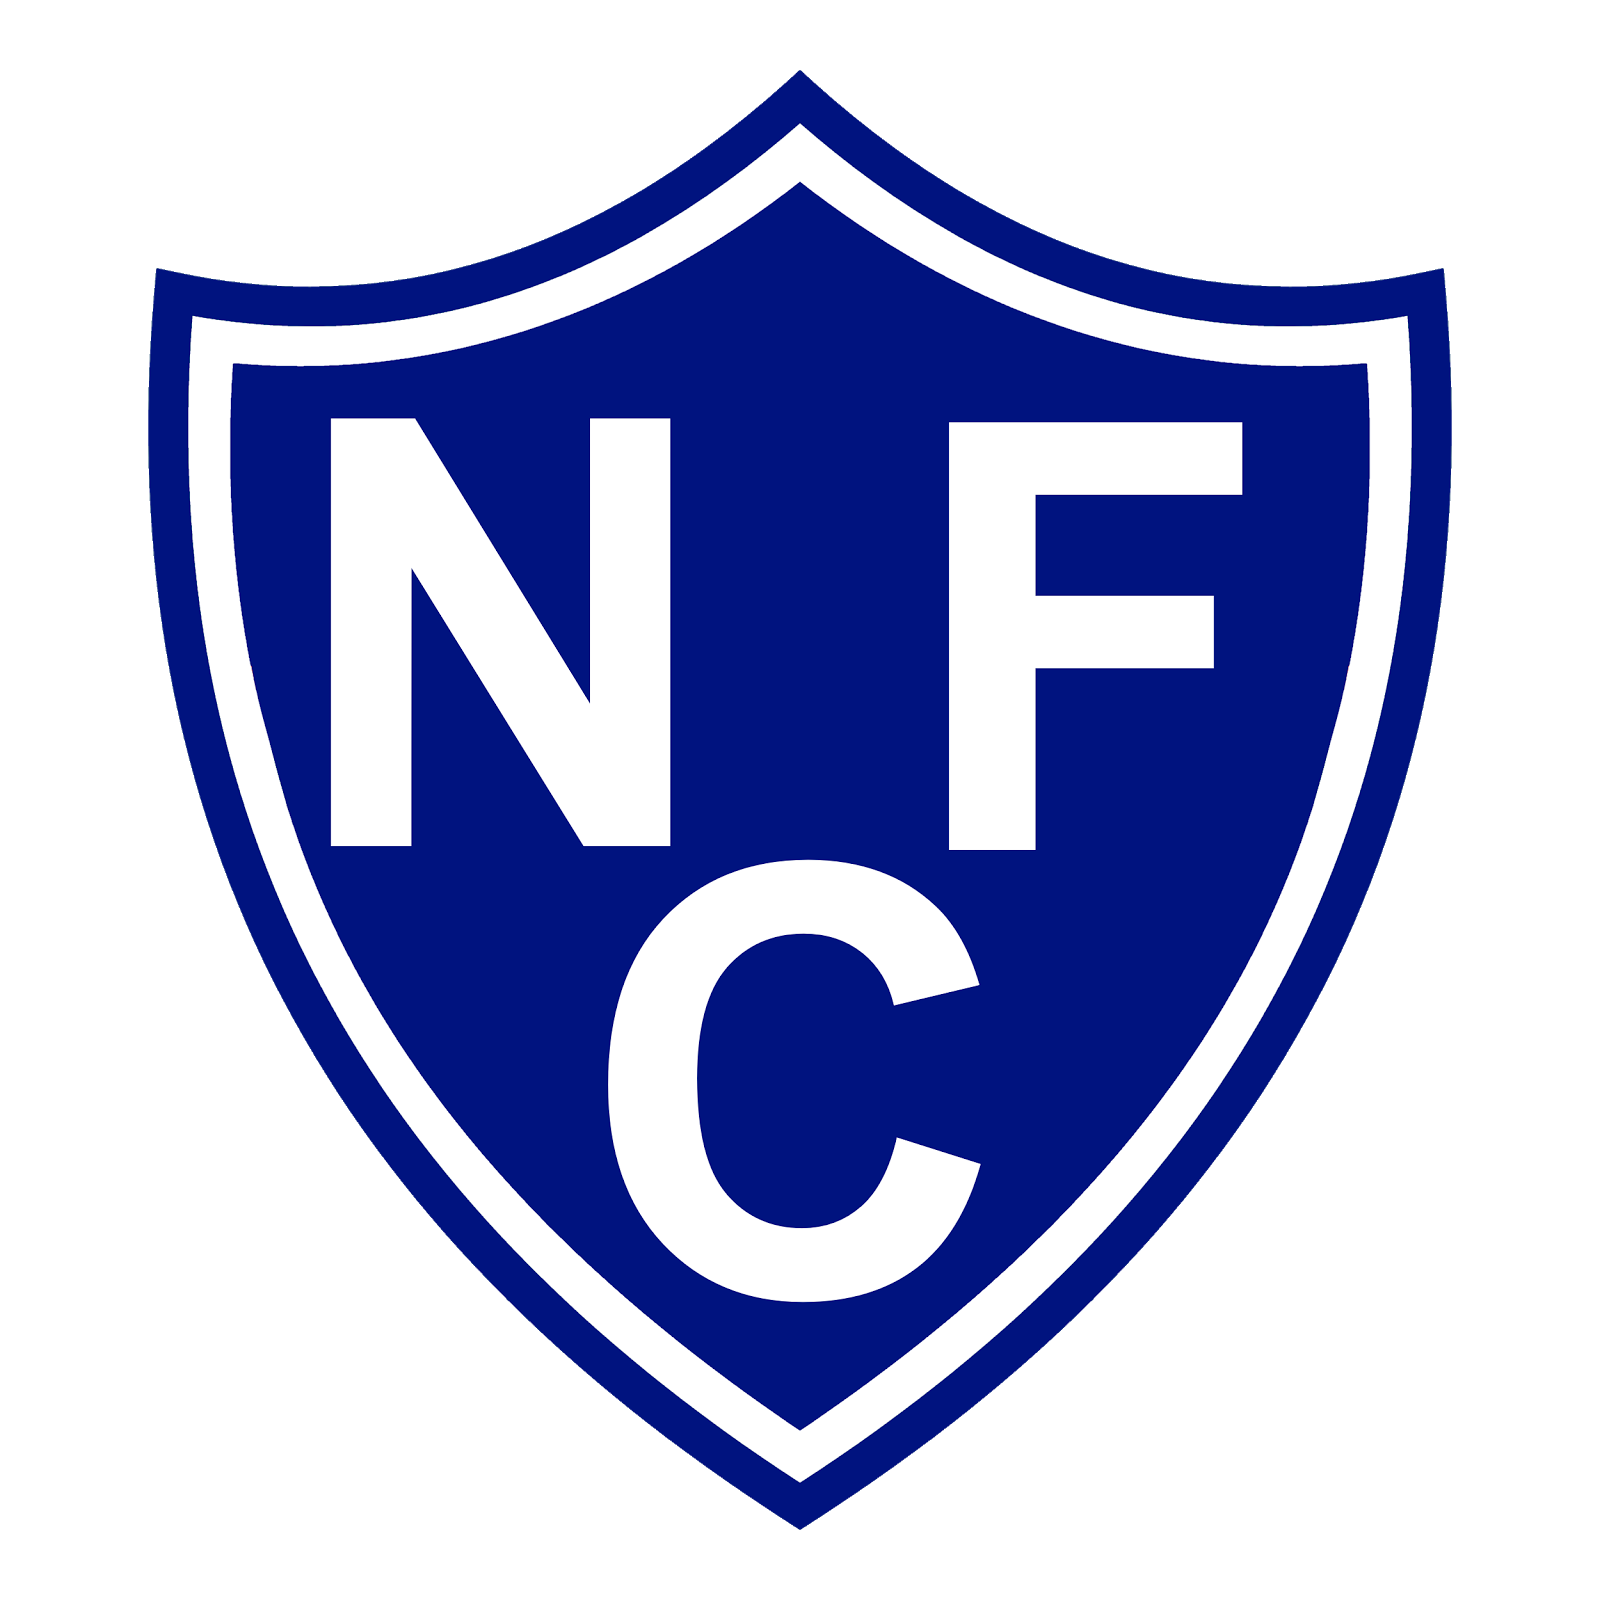 Memória Futebol Capixaba  Nacional Futebol Clube de Governador ... 96cfb4734177e